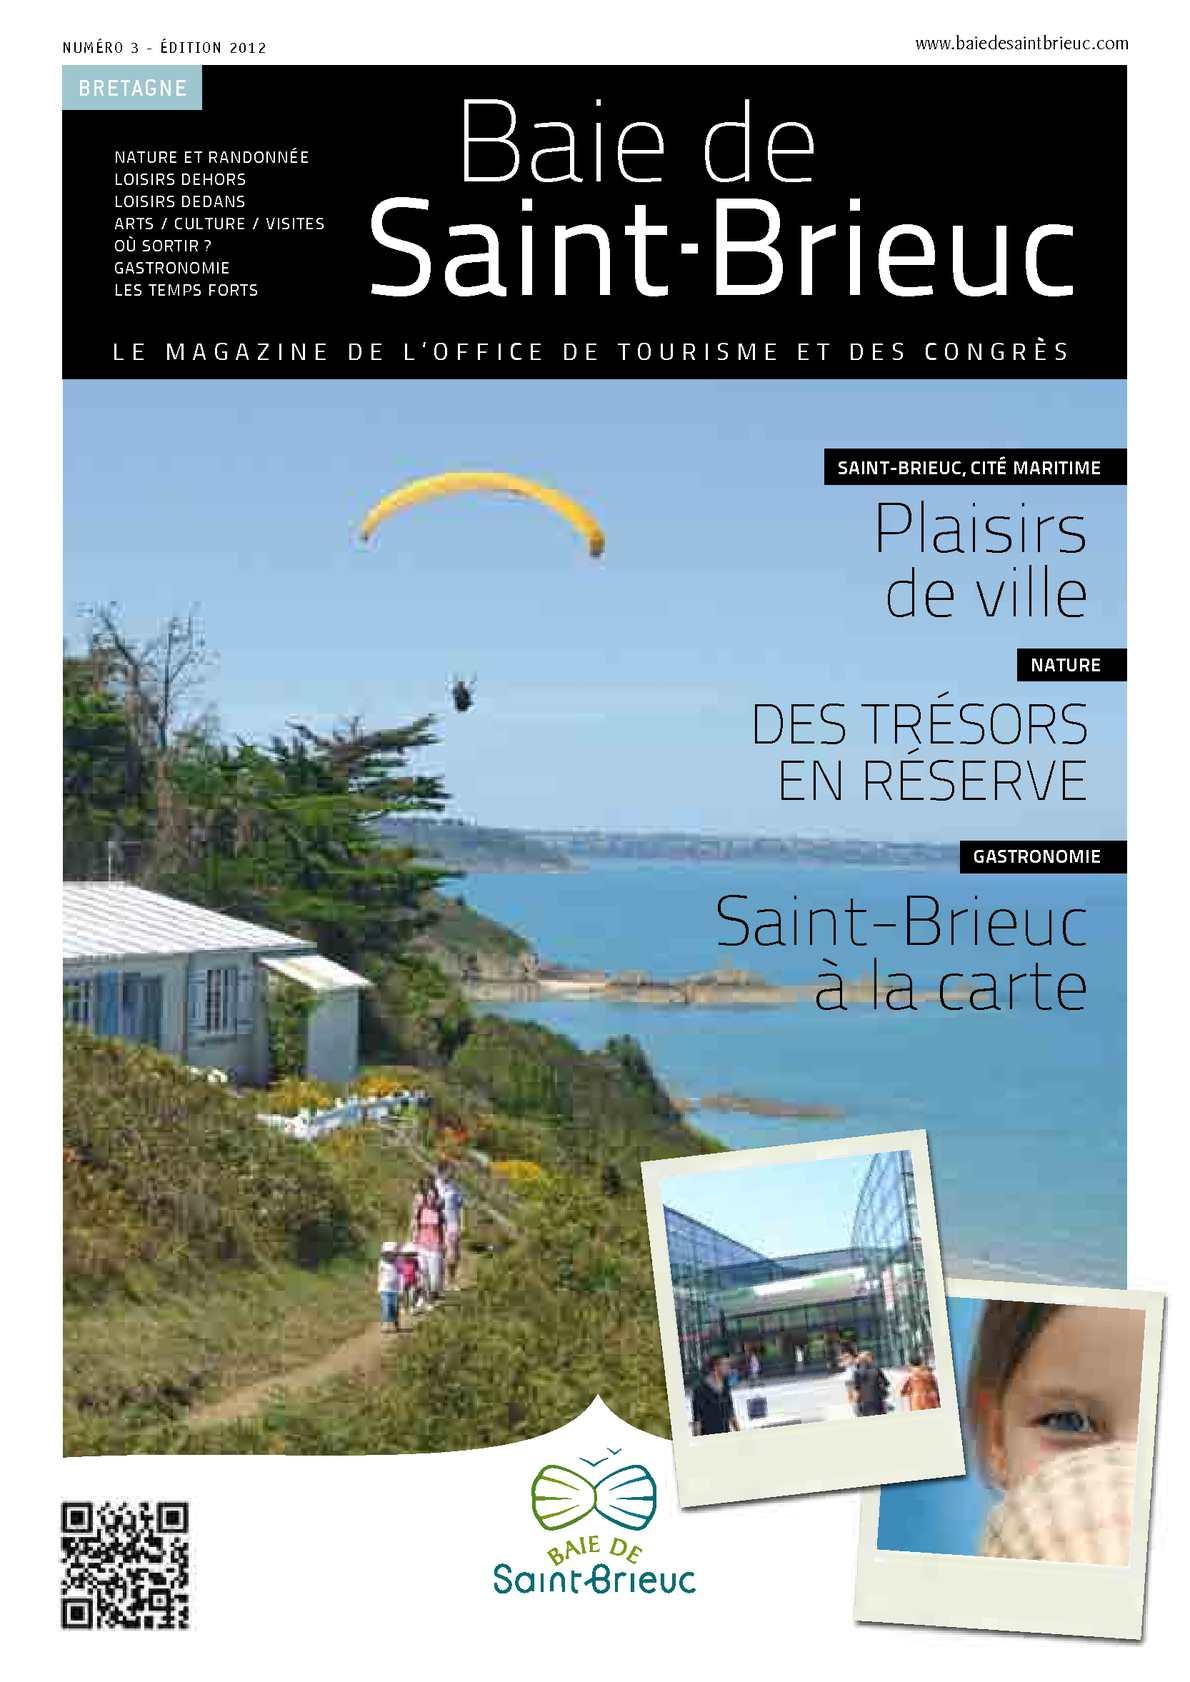 Calam o baie de saint brieuc saison 2012 le magazine - Office de tourisme de st brieuc ...